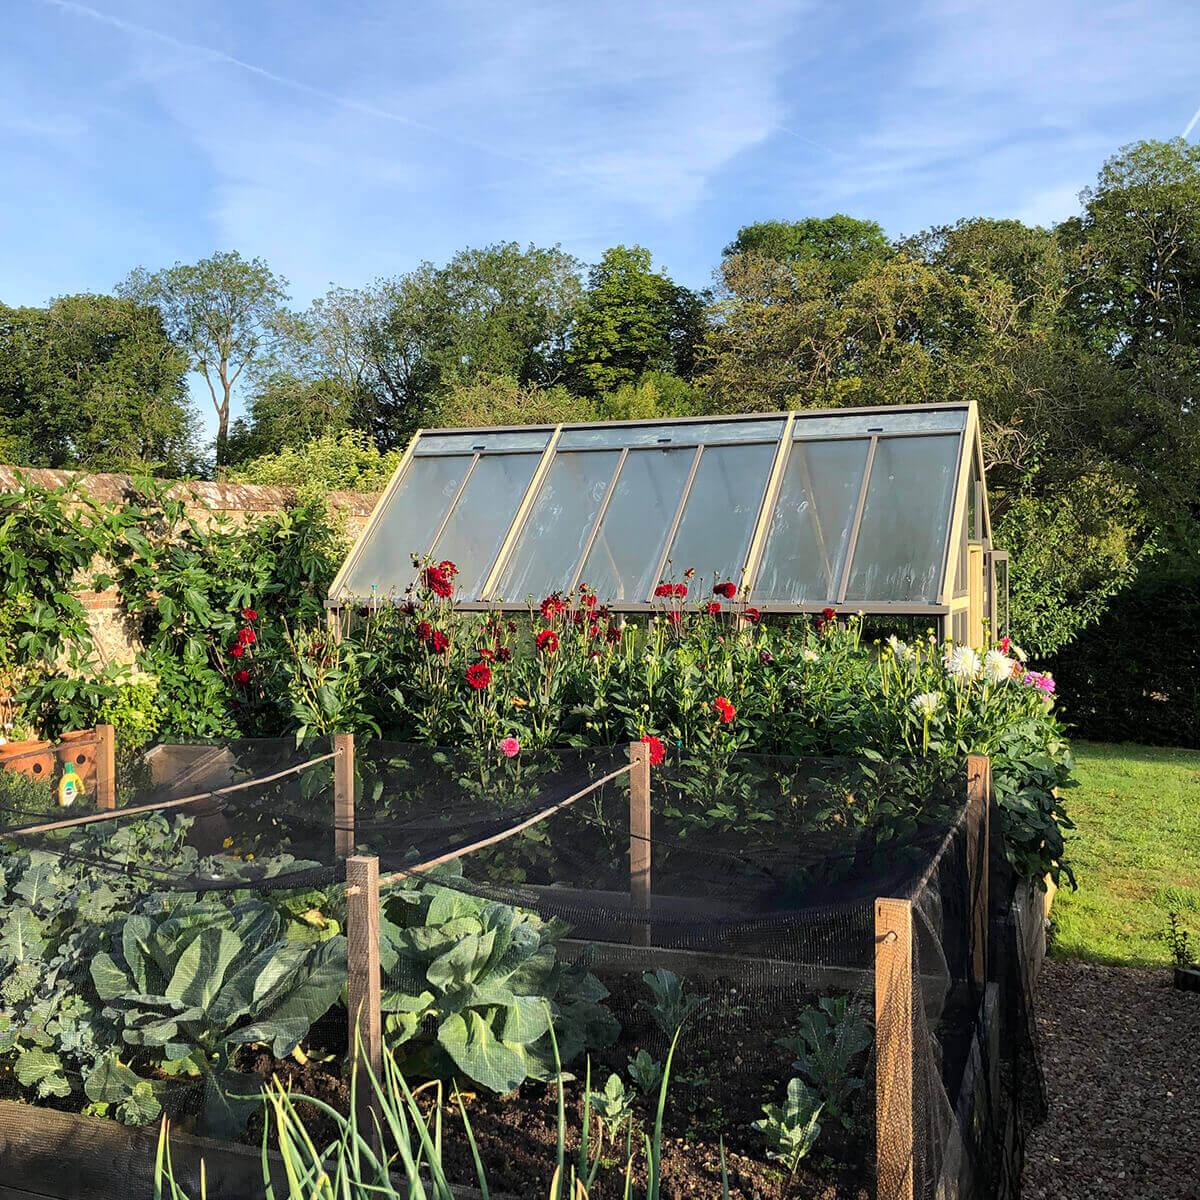 Greenhouse and dahlias